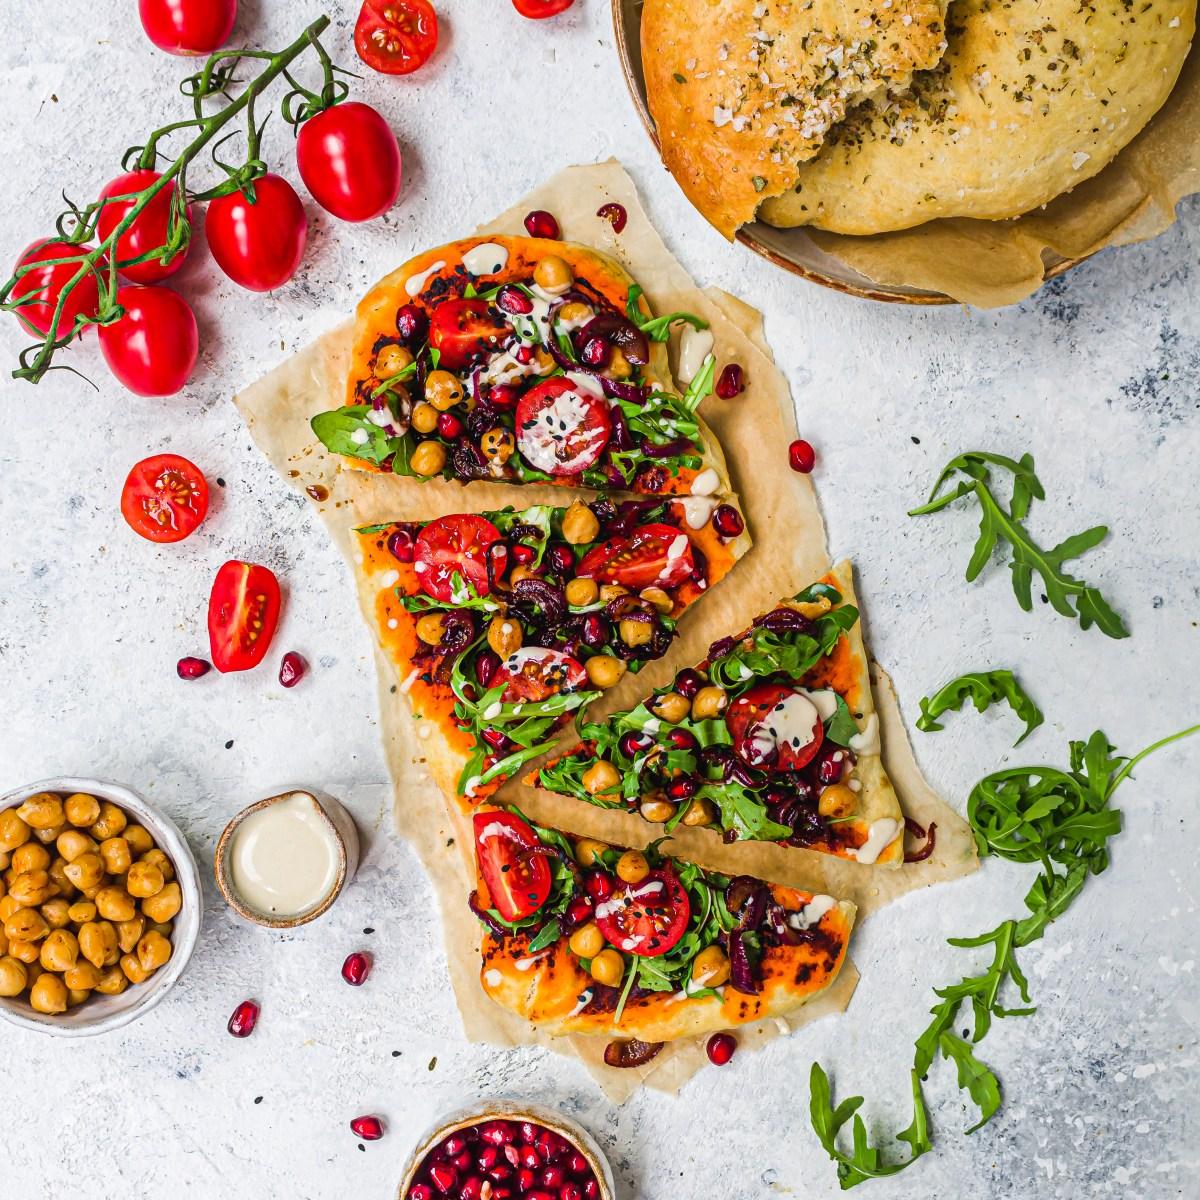 Harissa Chickpea Pitta Bread Pizzas with Tahini